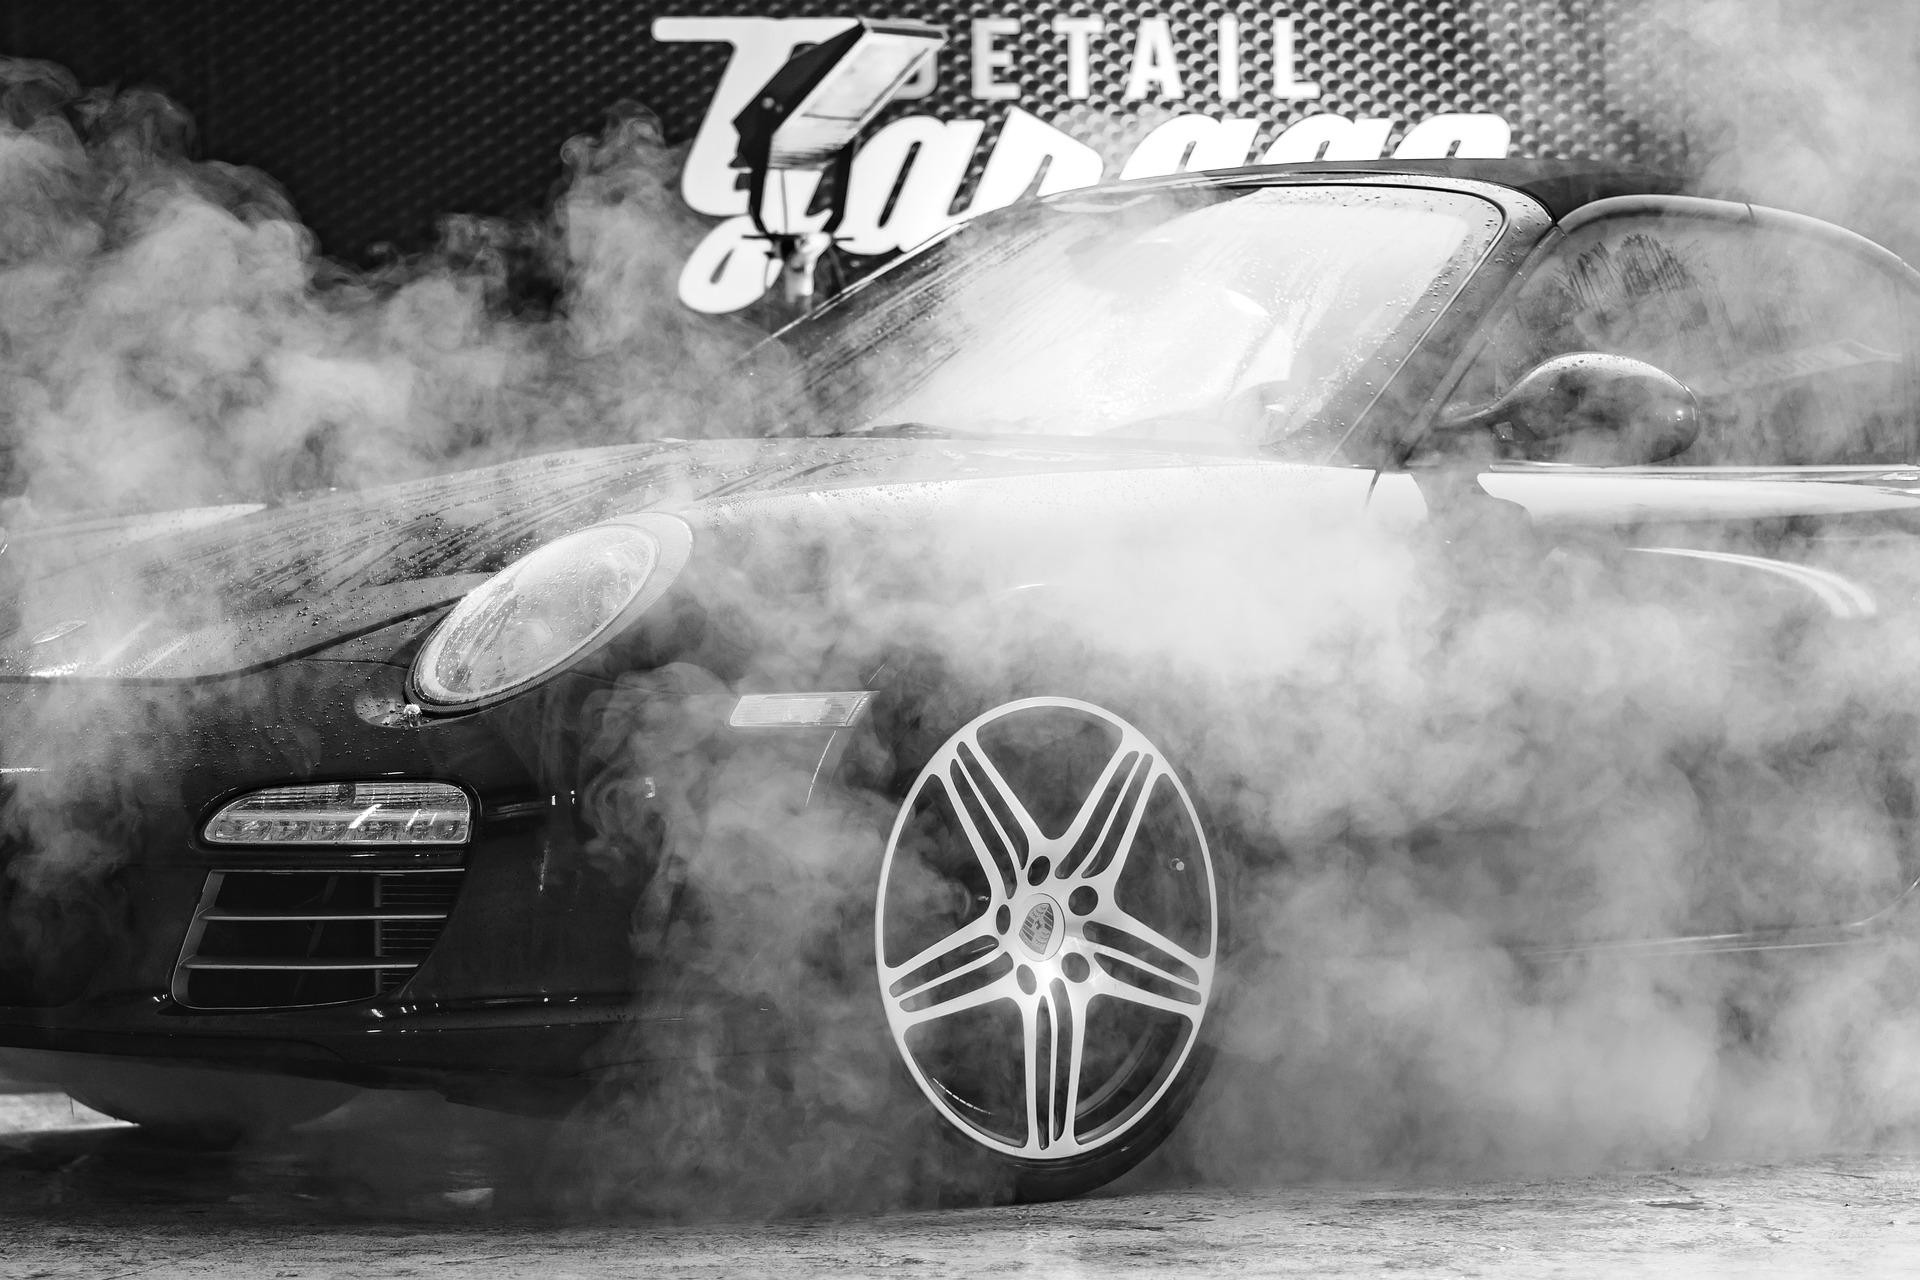 Porsche garage photo